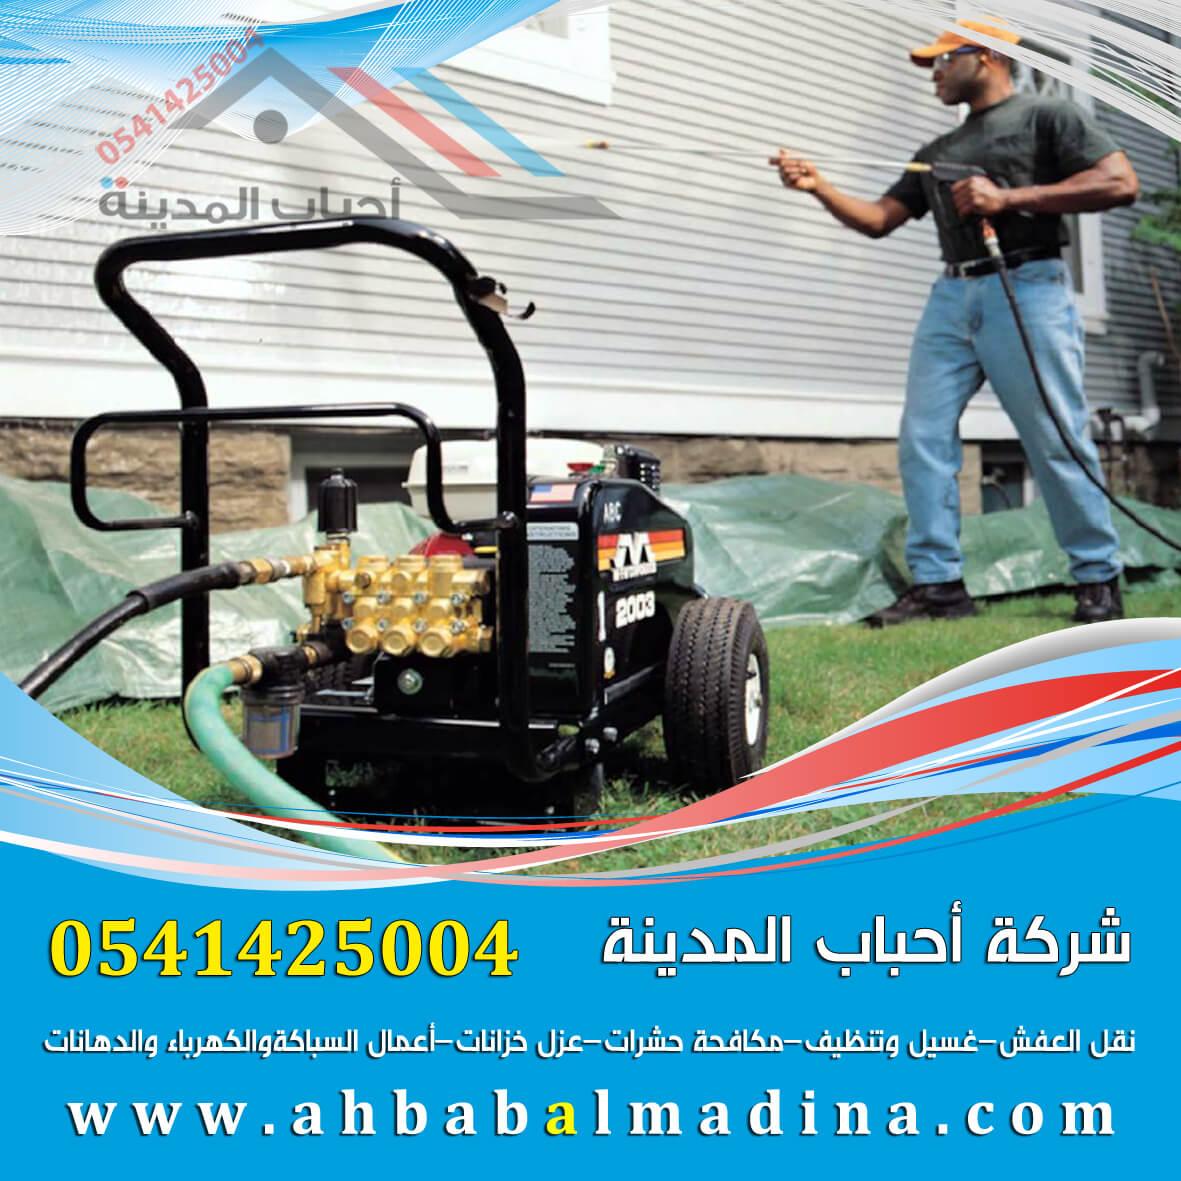 بالصور تنظيف شقق , افضل شركات التنظيف فى السعودية 3238 7